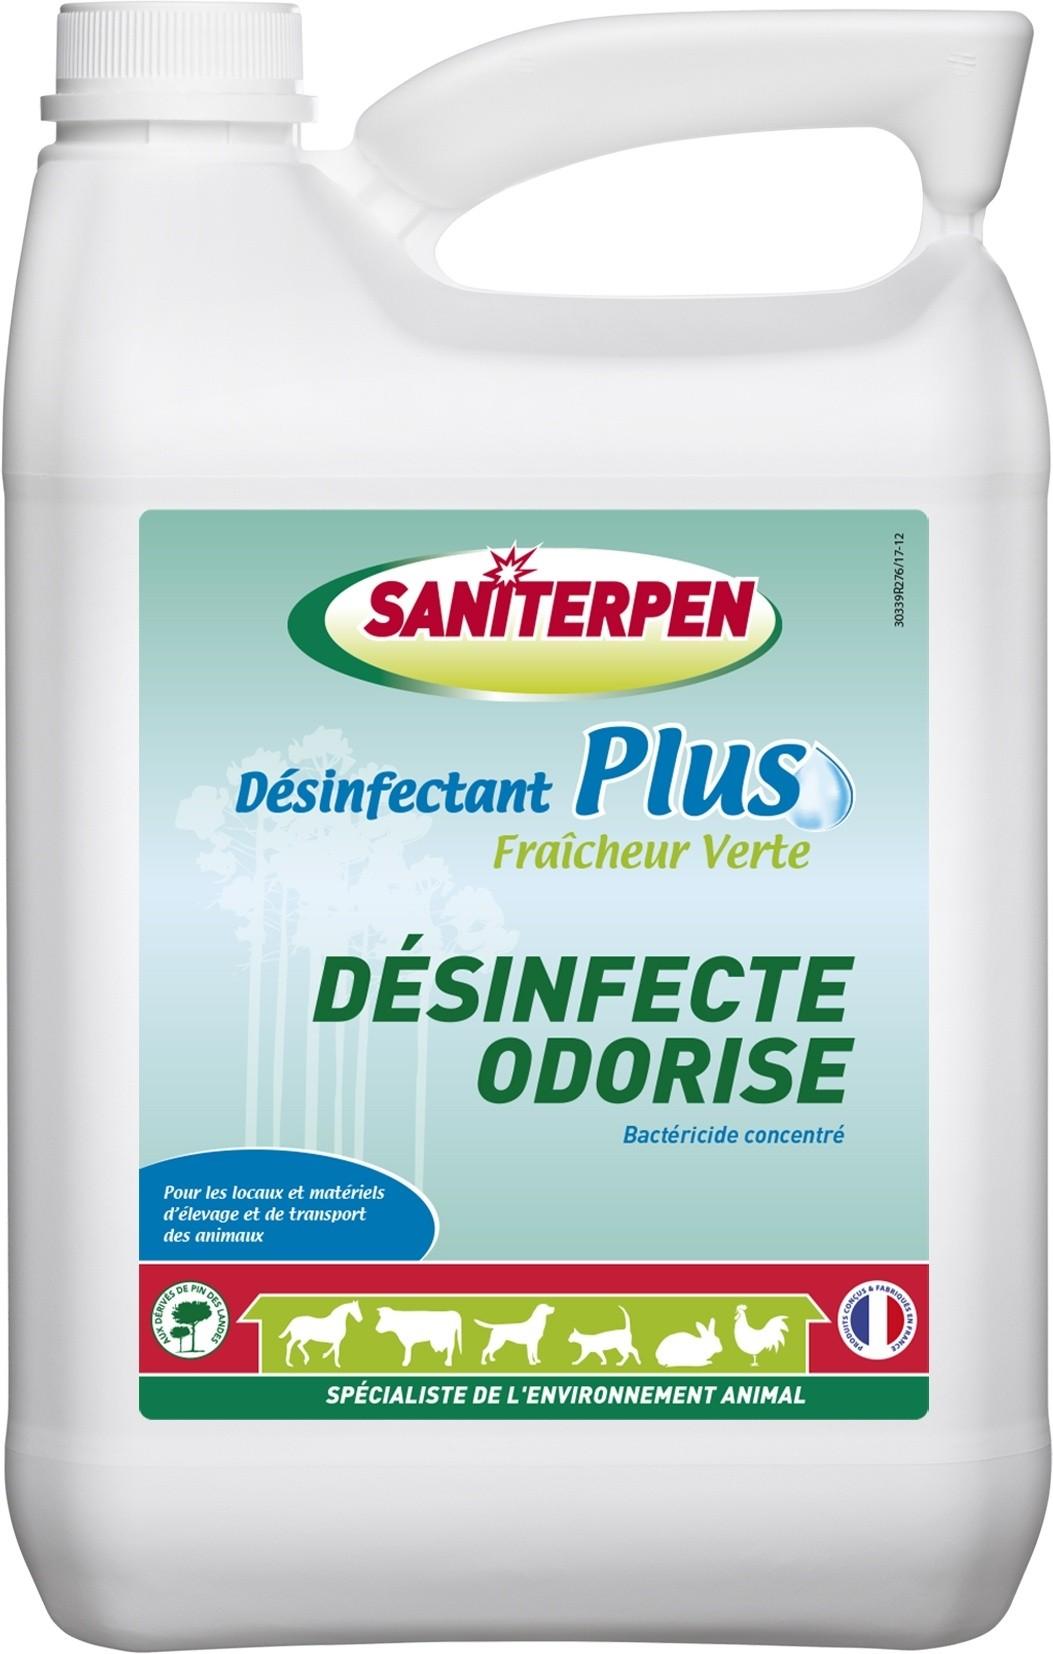 SANITERPEN Désinfectant Plus 5L